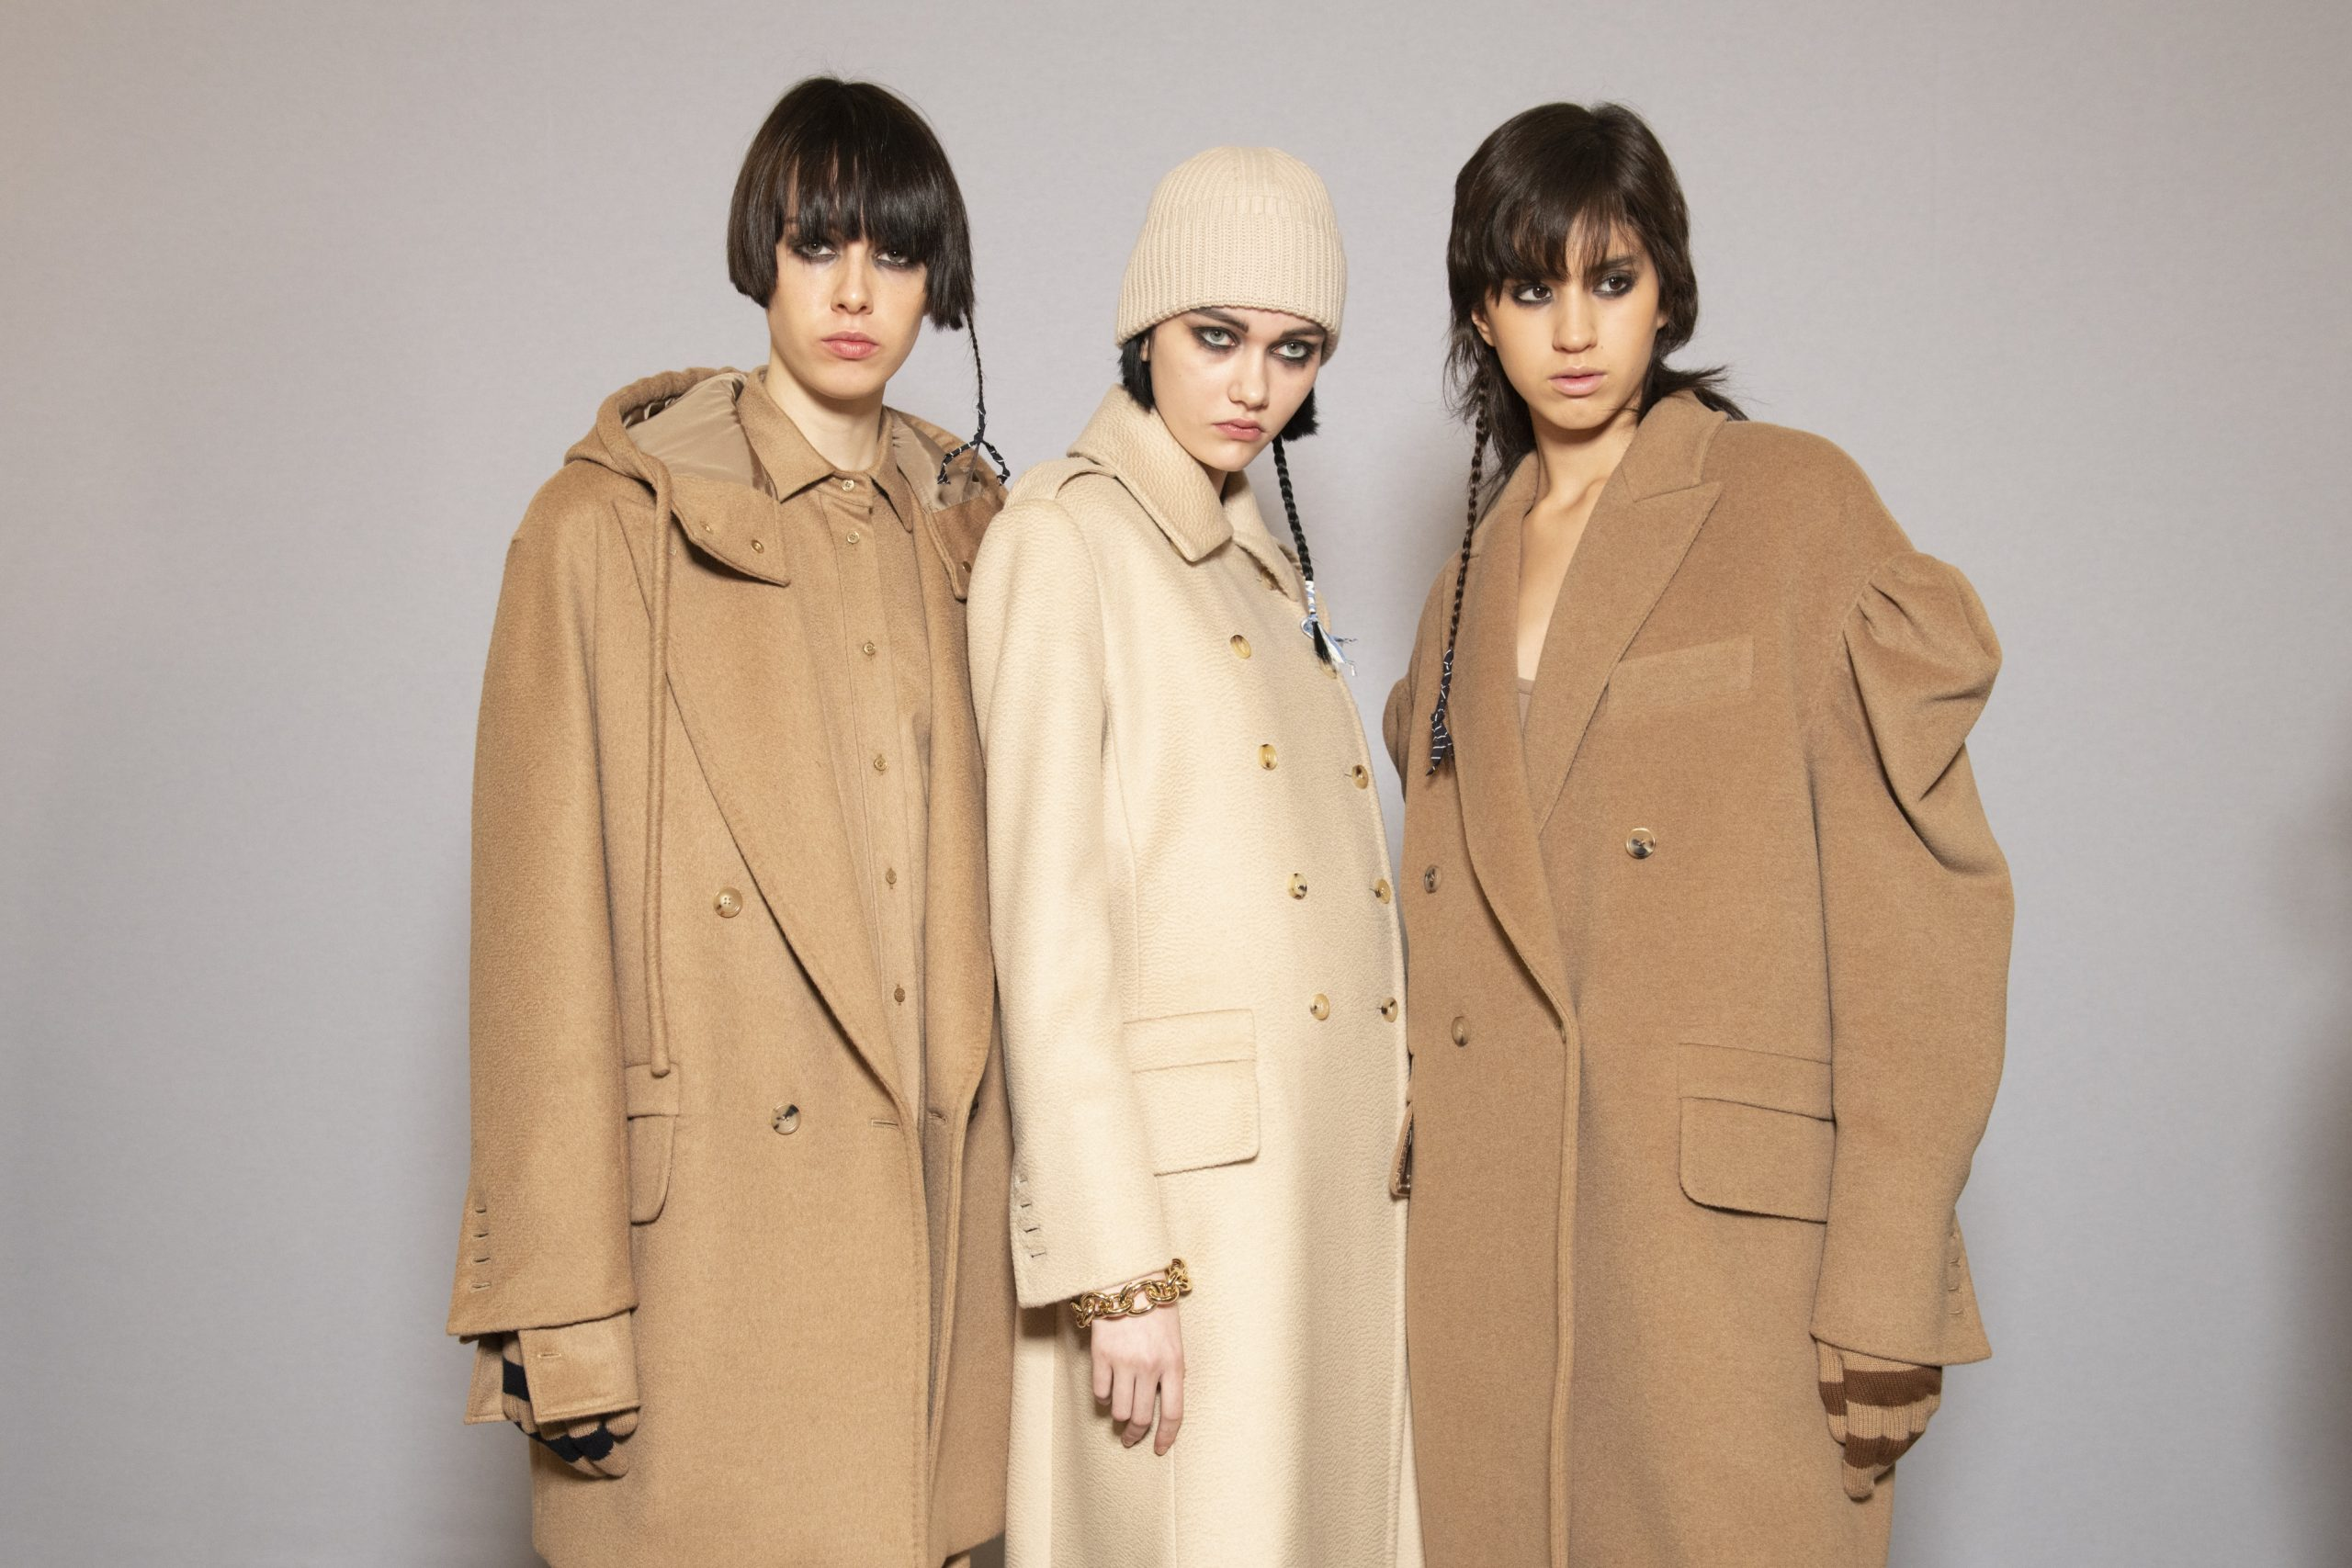 Firmas de moda sostenibilidad: Max Mara